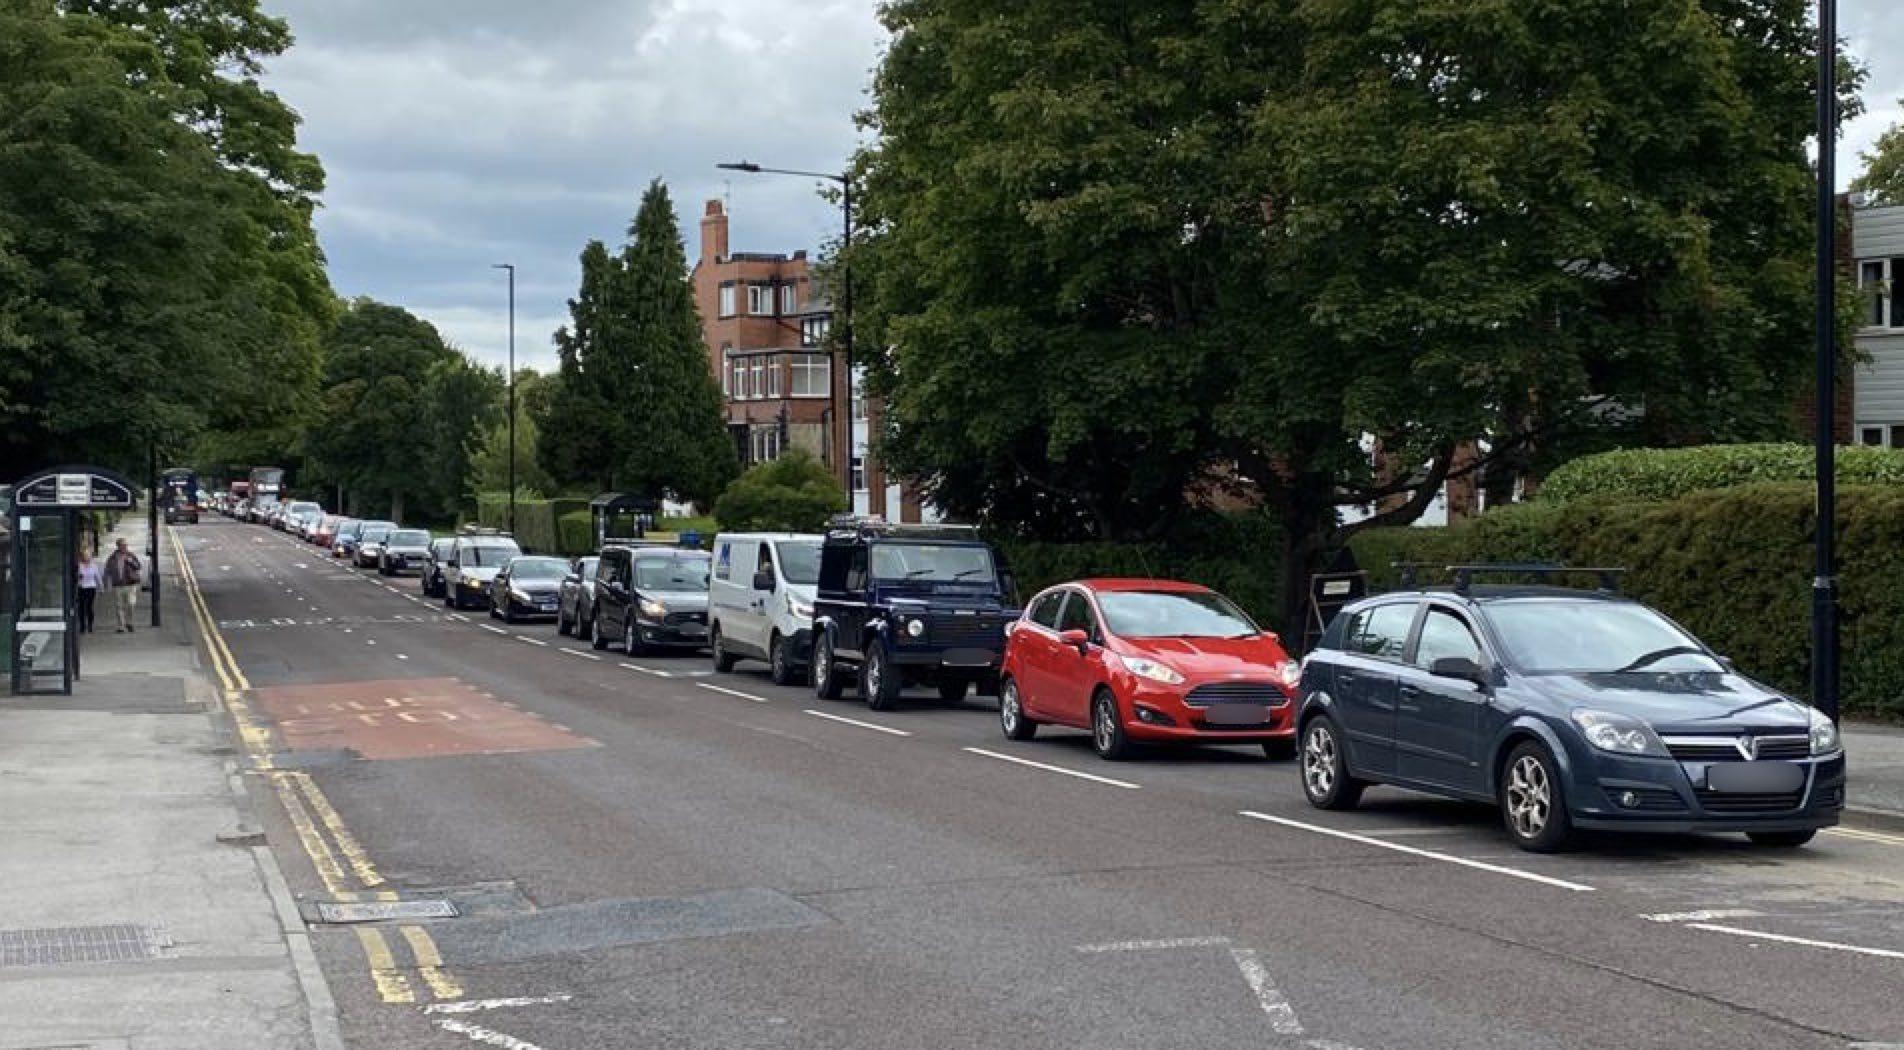 Six weeks of roadworks begin on Leeds Road